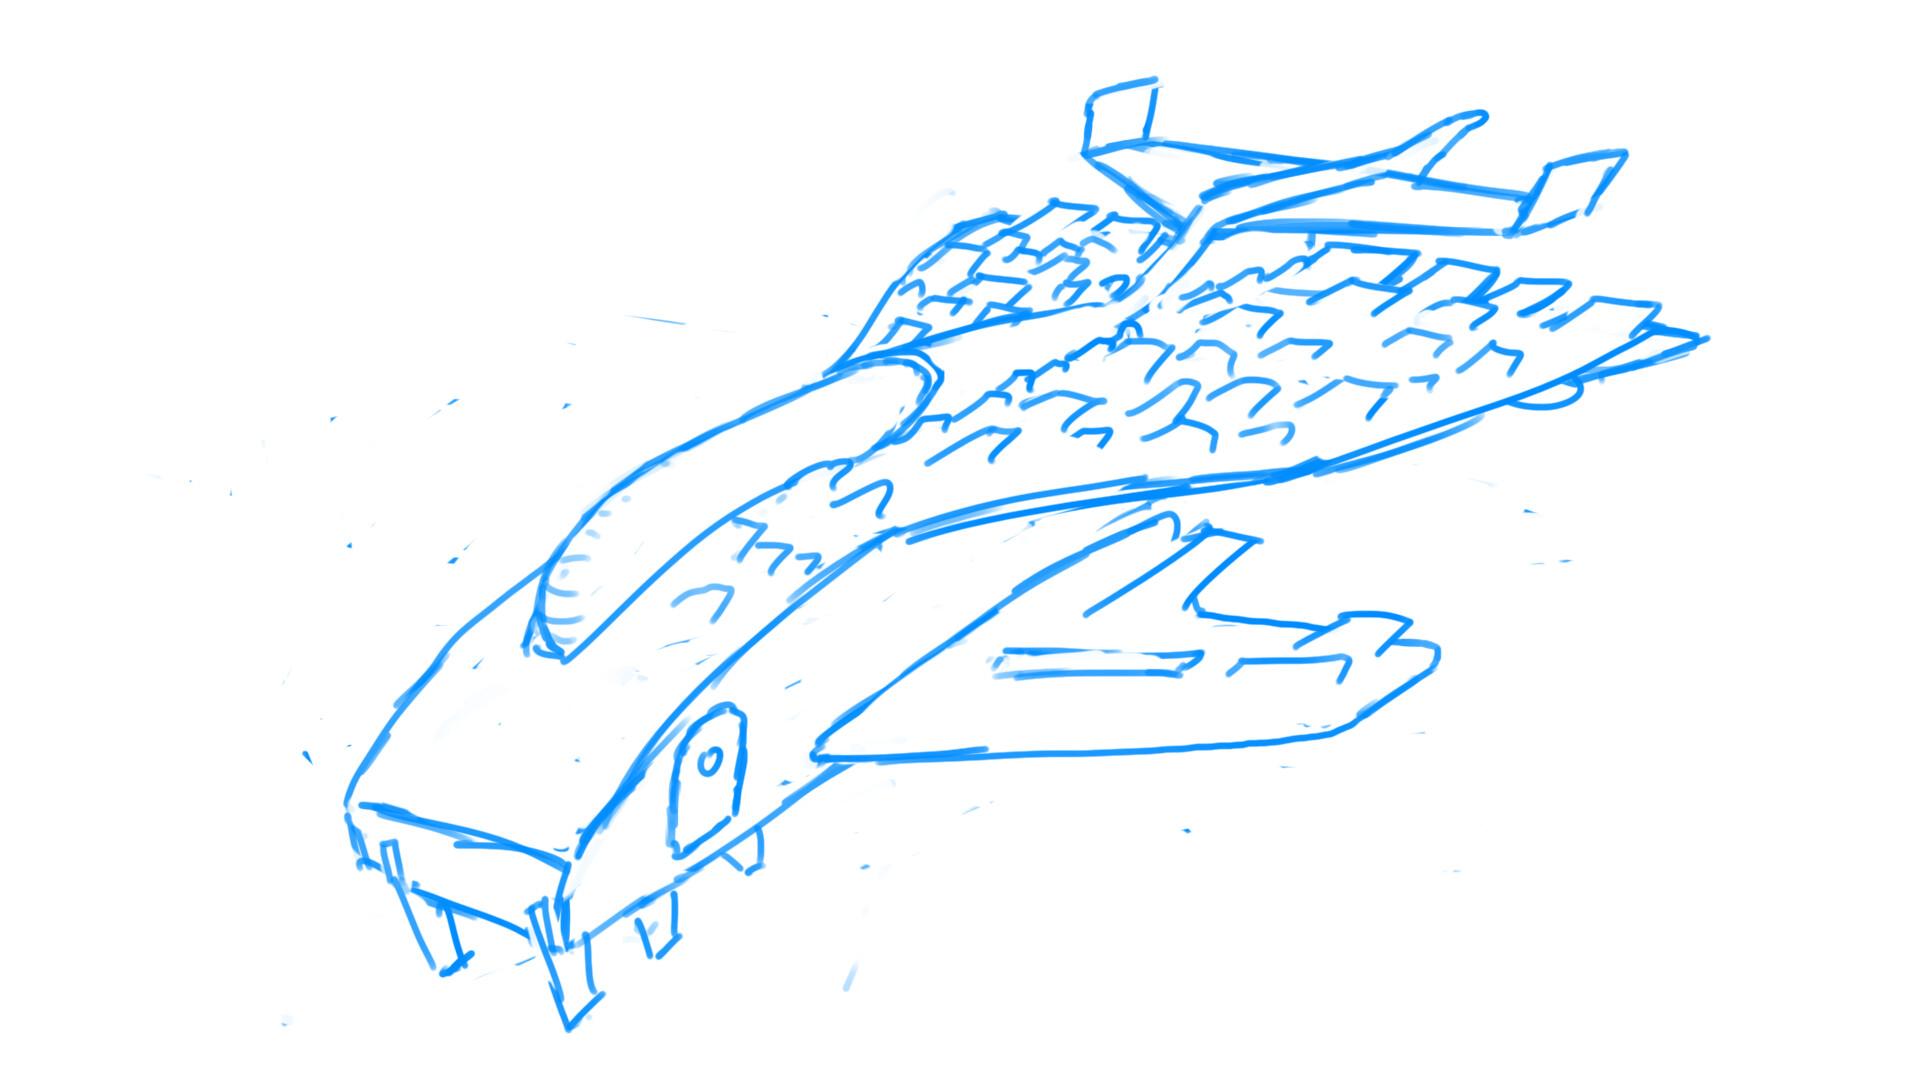 Alexander laheij drawing10 75